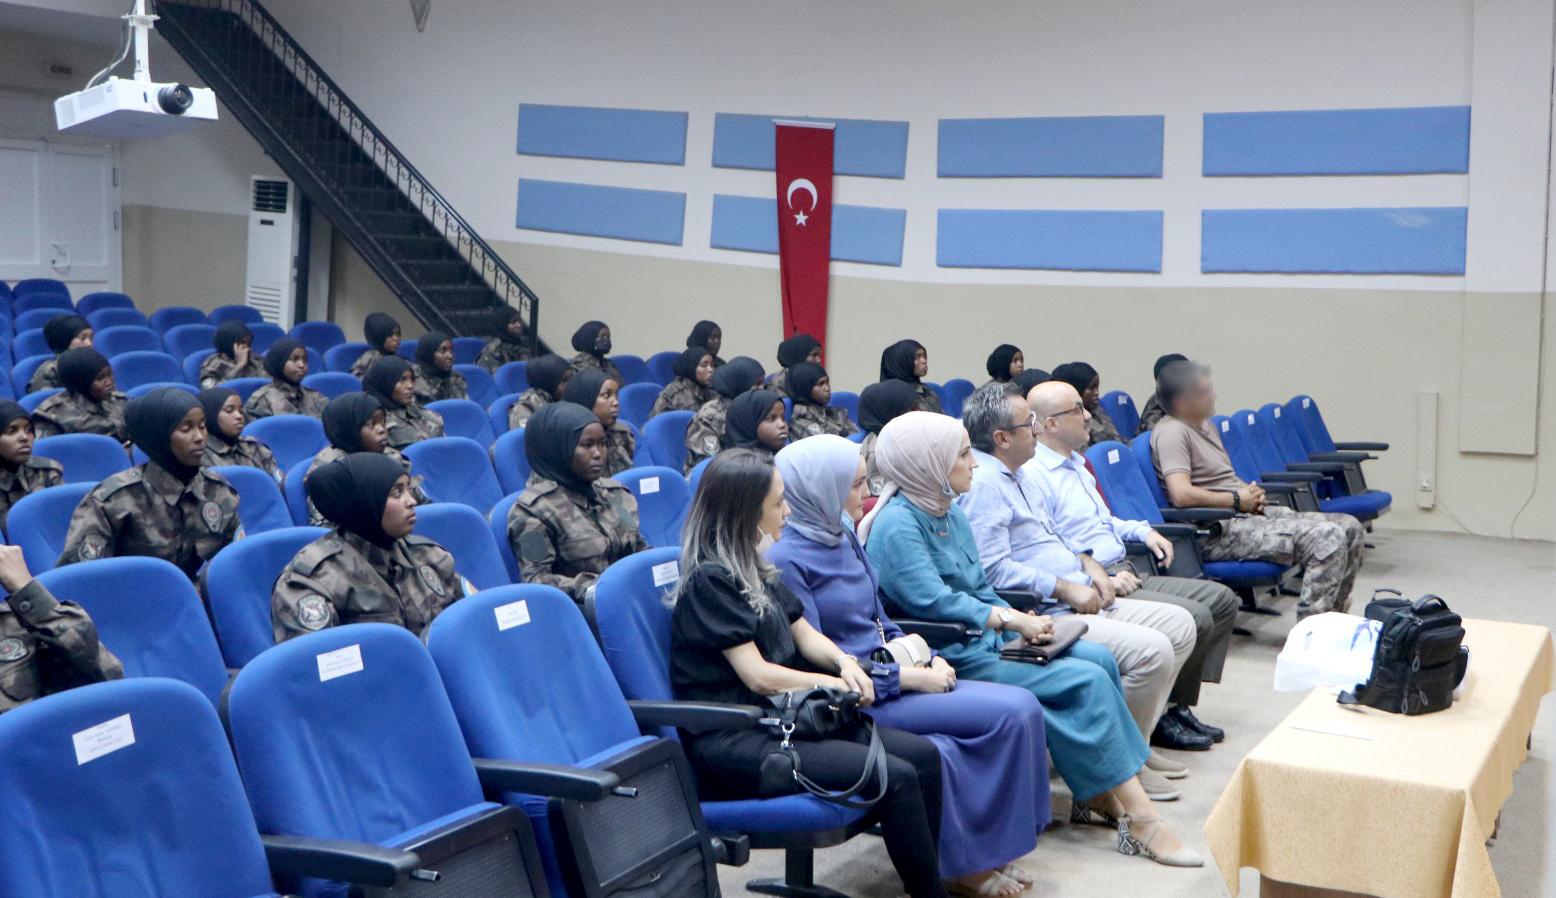 ÇAKÜ Dil Eğitimi Uygulama ve Araştırma Merkezi, Çankırı Şehit Seyit Saraç Özel Harekât Polis Eğitim Merkezinde Somalili kadın polislere Türkçe dil eğitimi verdi.